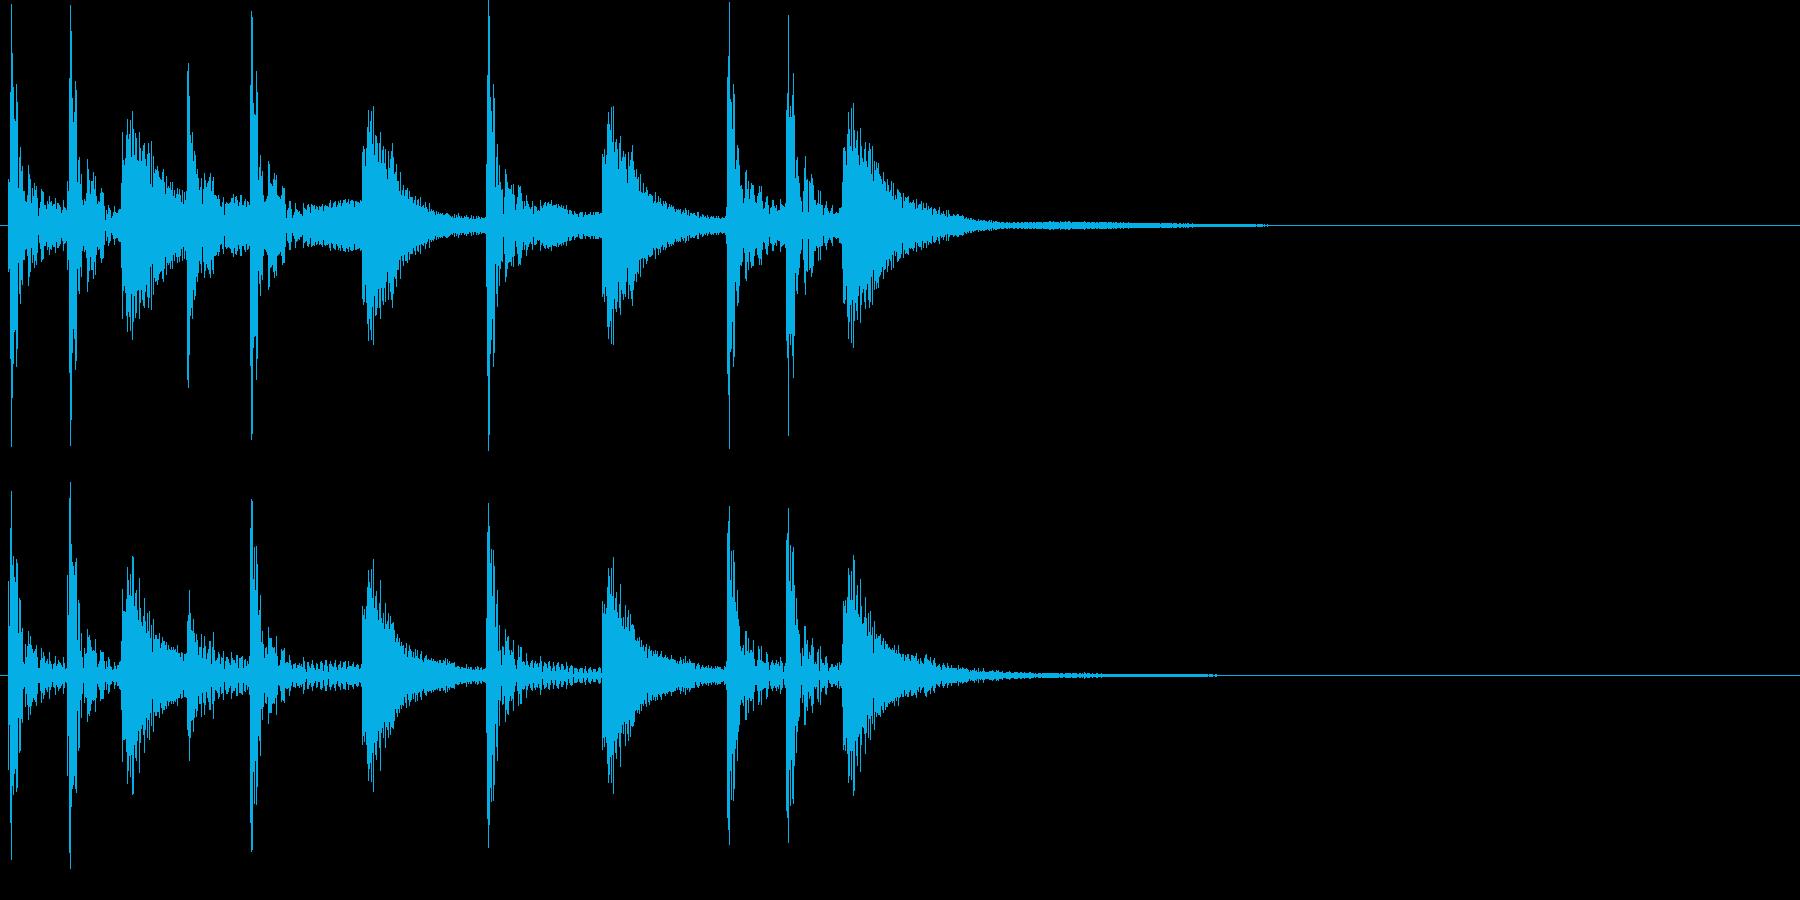 2小節ジングル09 ロックの再生済みの波形